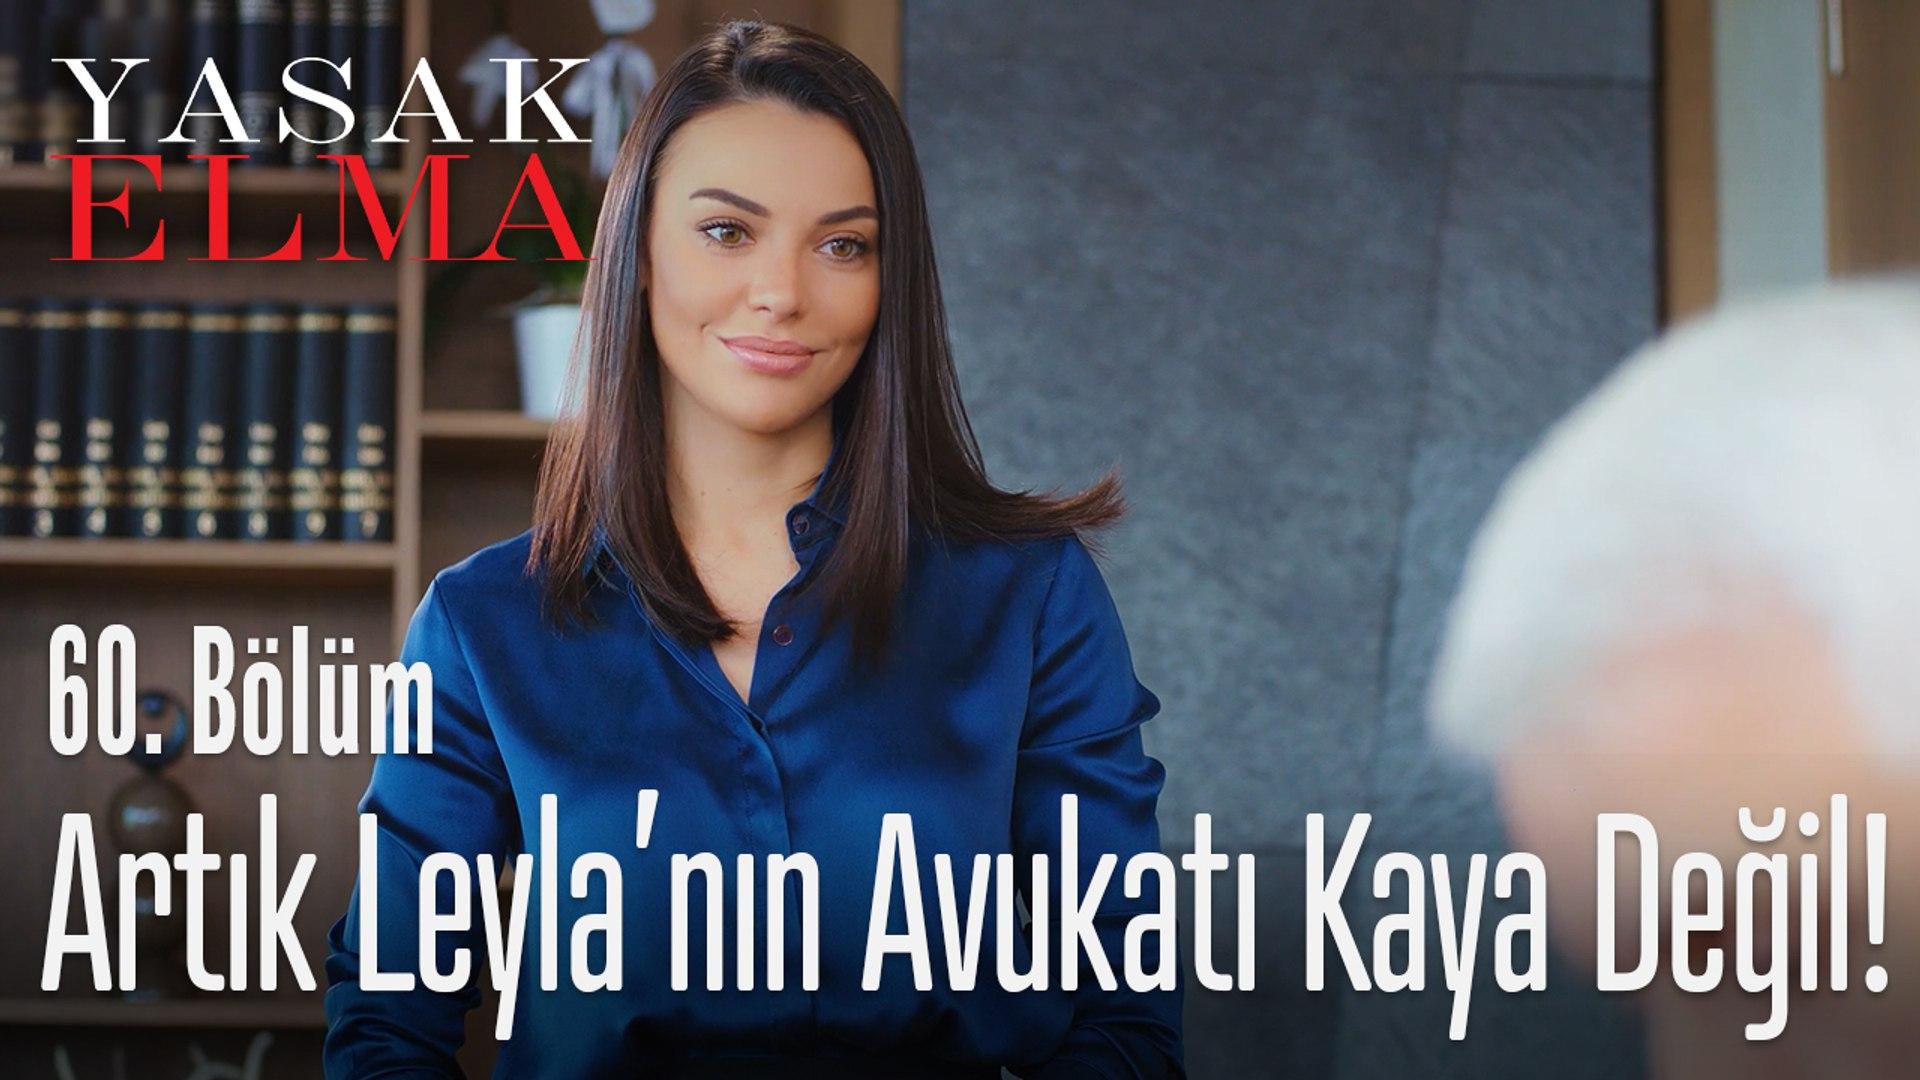 Leyla'nın avukatı değişiyor - Yasak Elma 60. Bölüm